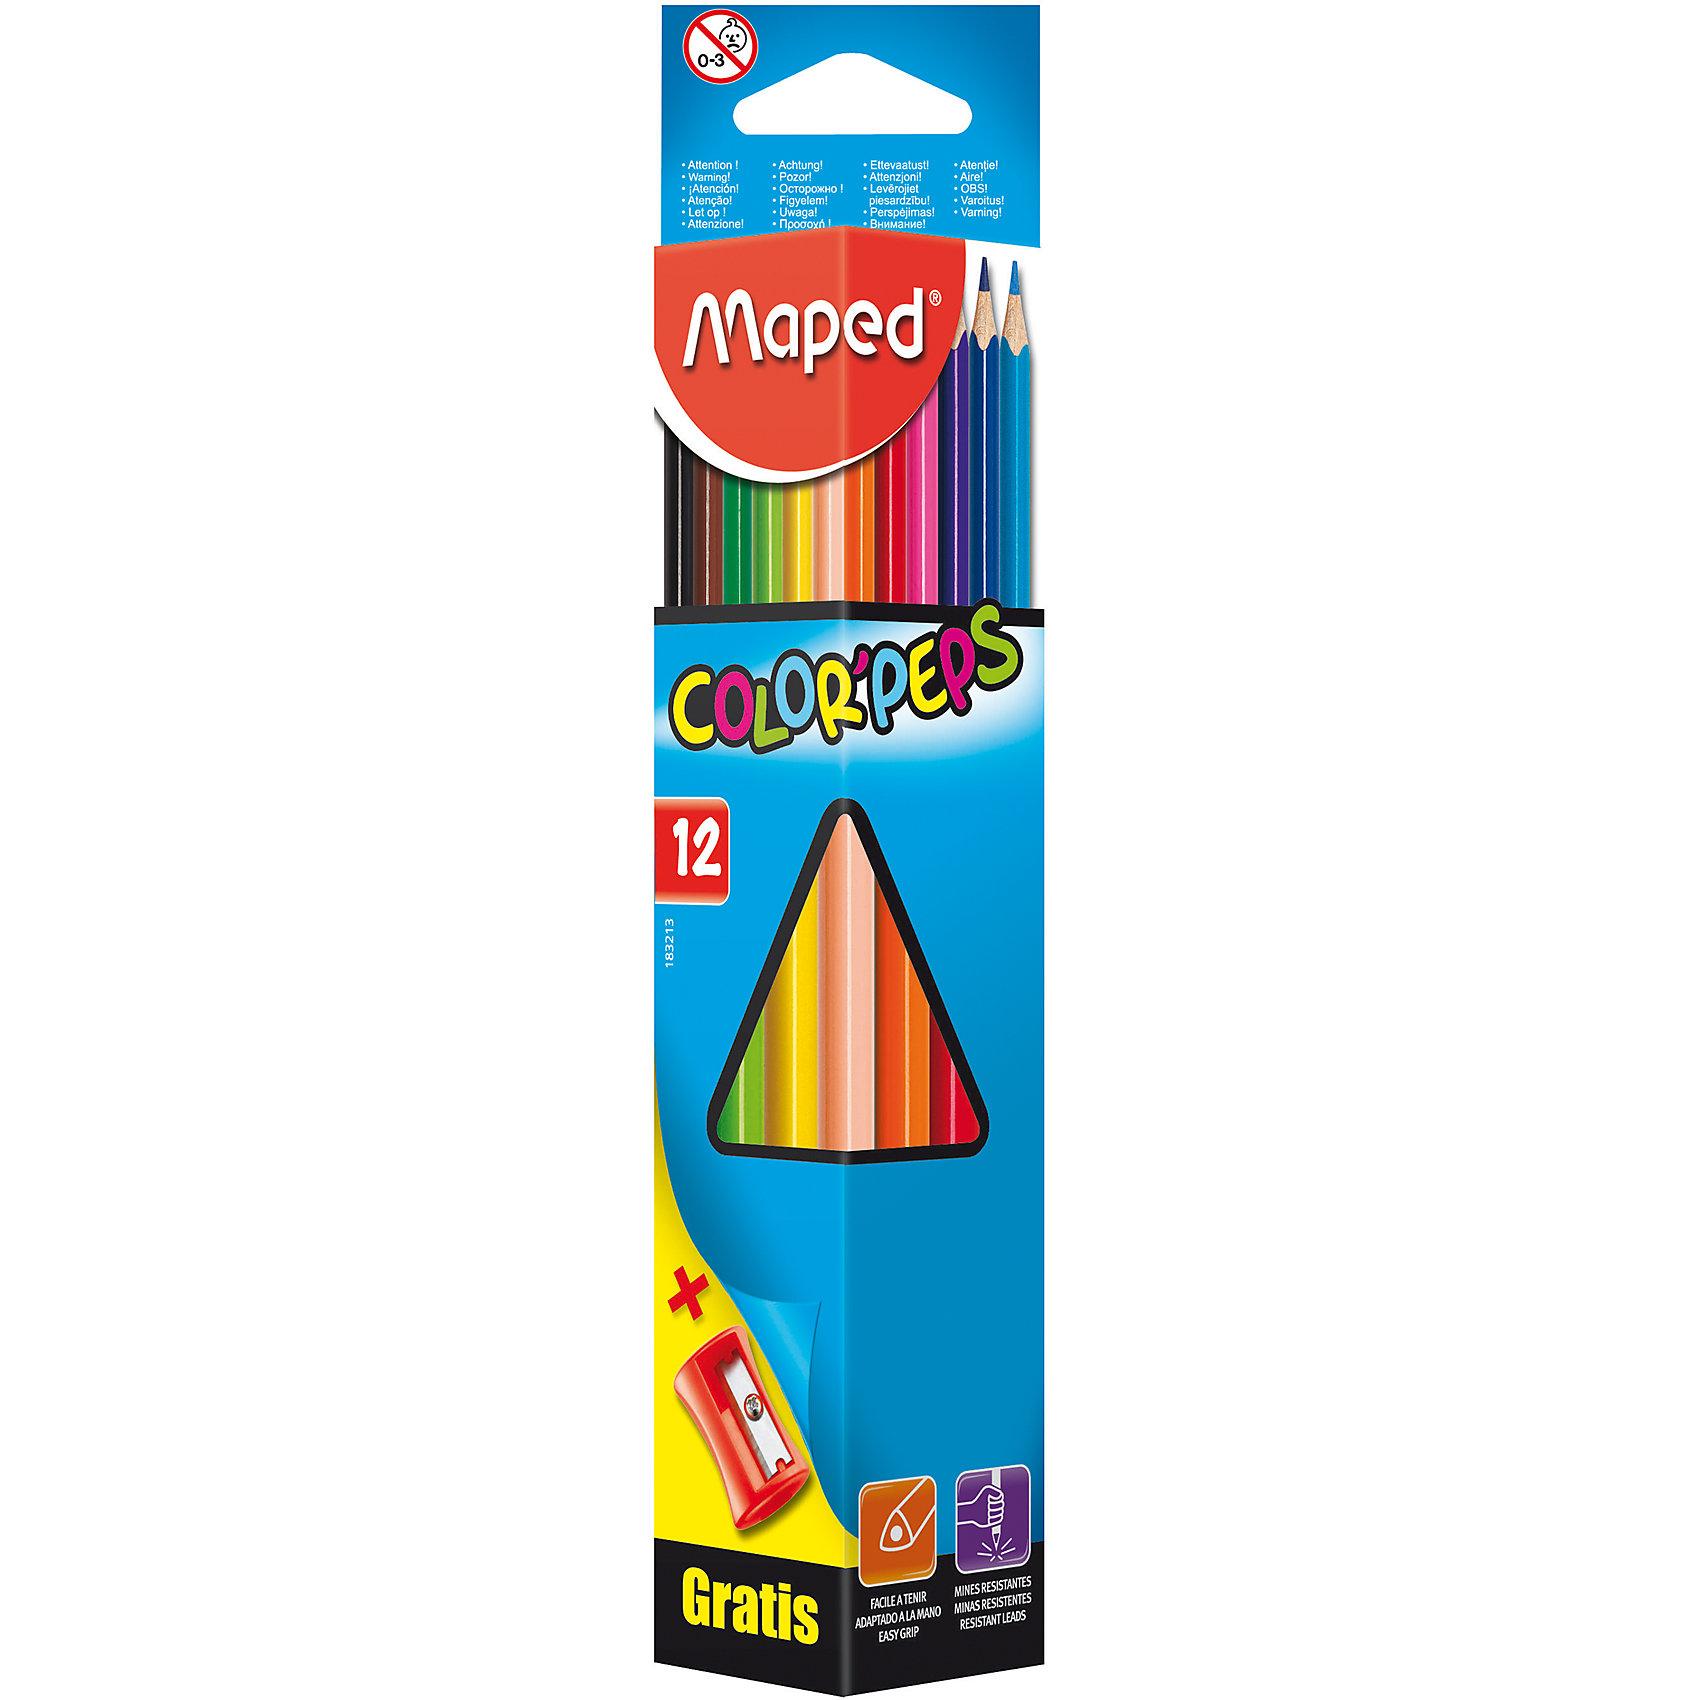 Карандаши цветные COLORPEPS, треугольные+точилка, 12 цветов, MAPEDНабор 12 цветных карандашей Color Peps в треугольной промоупаковке удовлетворит все потребности детей. В комплекте с набором 1 точилка Vivo. Яркие и насыщенные цвета. Мягкий и прочный грифель. Эргономичная треугольная форма, легко и удобно держать в руке, просто использовать даже самым маленьким. Соответствует самым высоким европейским стандартам. Идеально для раскрашивания и рисования.<br><br>Ширина мм: 230<br>Глубина мм: 51<br>Высота мм: 51<br>Вес г: 86<br>Возраст от месяцев: 36<br>Возраст до месяцев: 2147483647<br>Пол: Унисекс<br>Возраст: Детский<br>SKU: 5530027